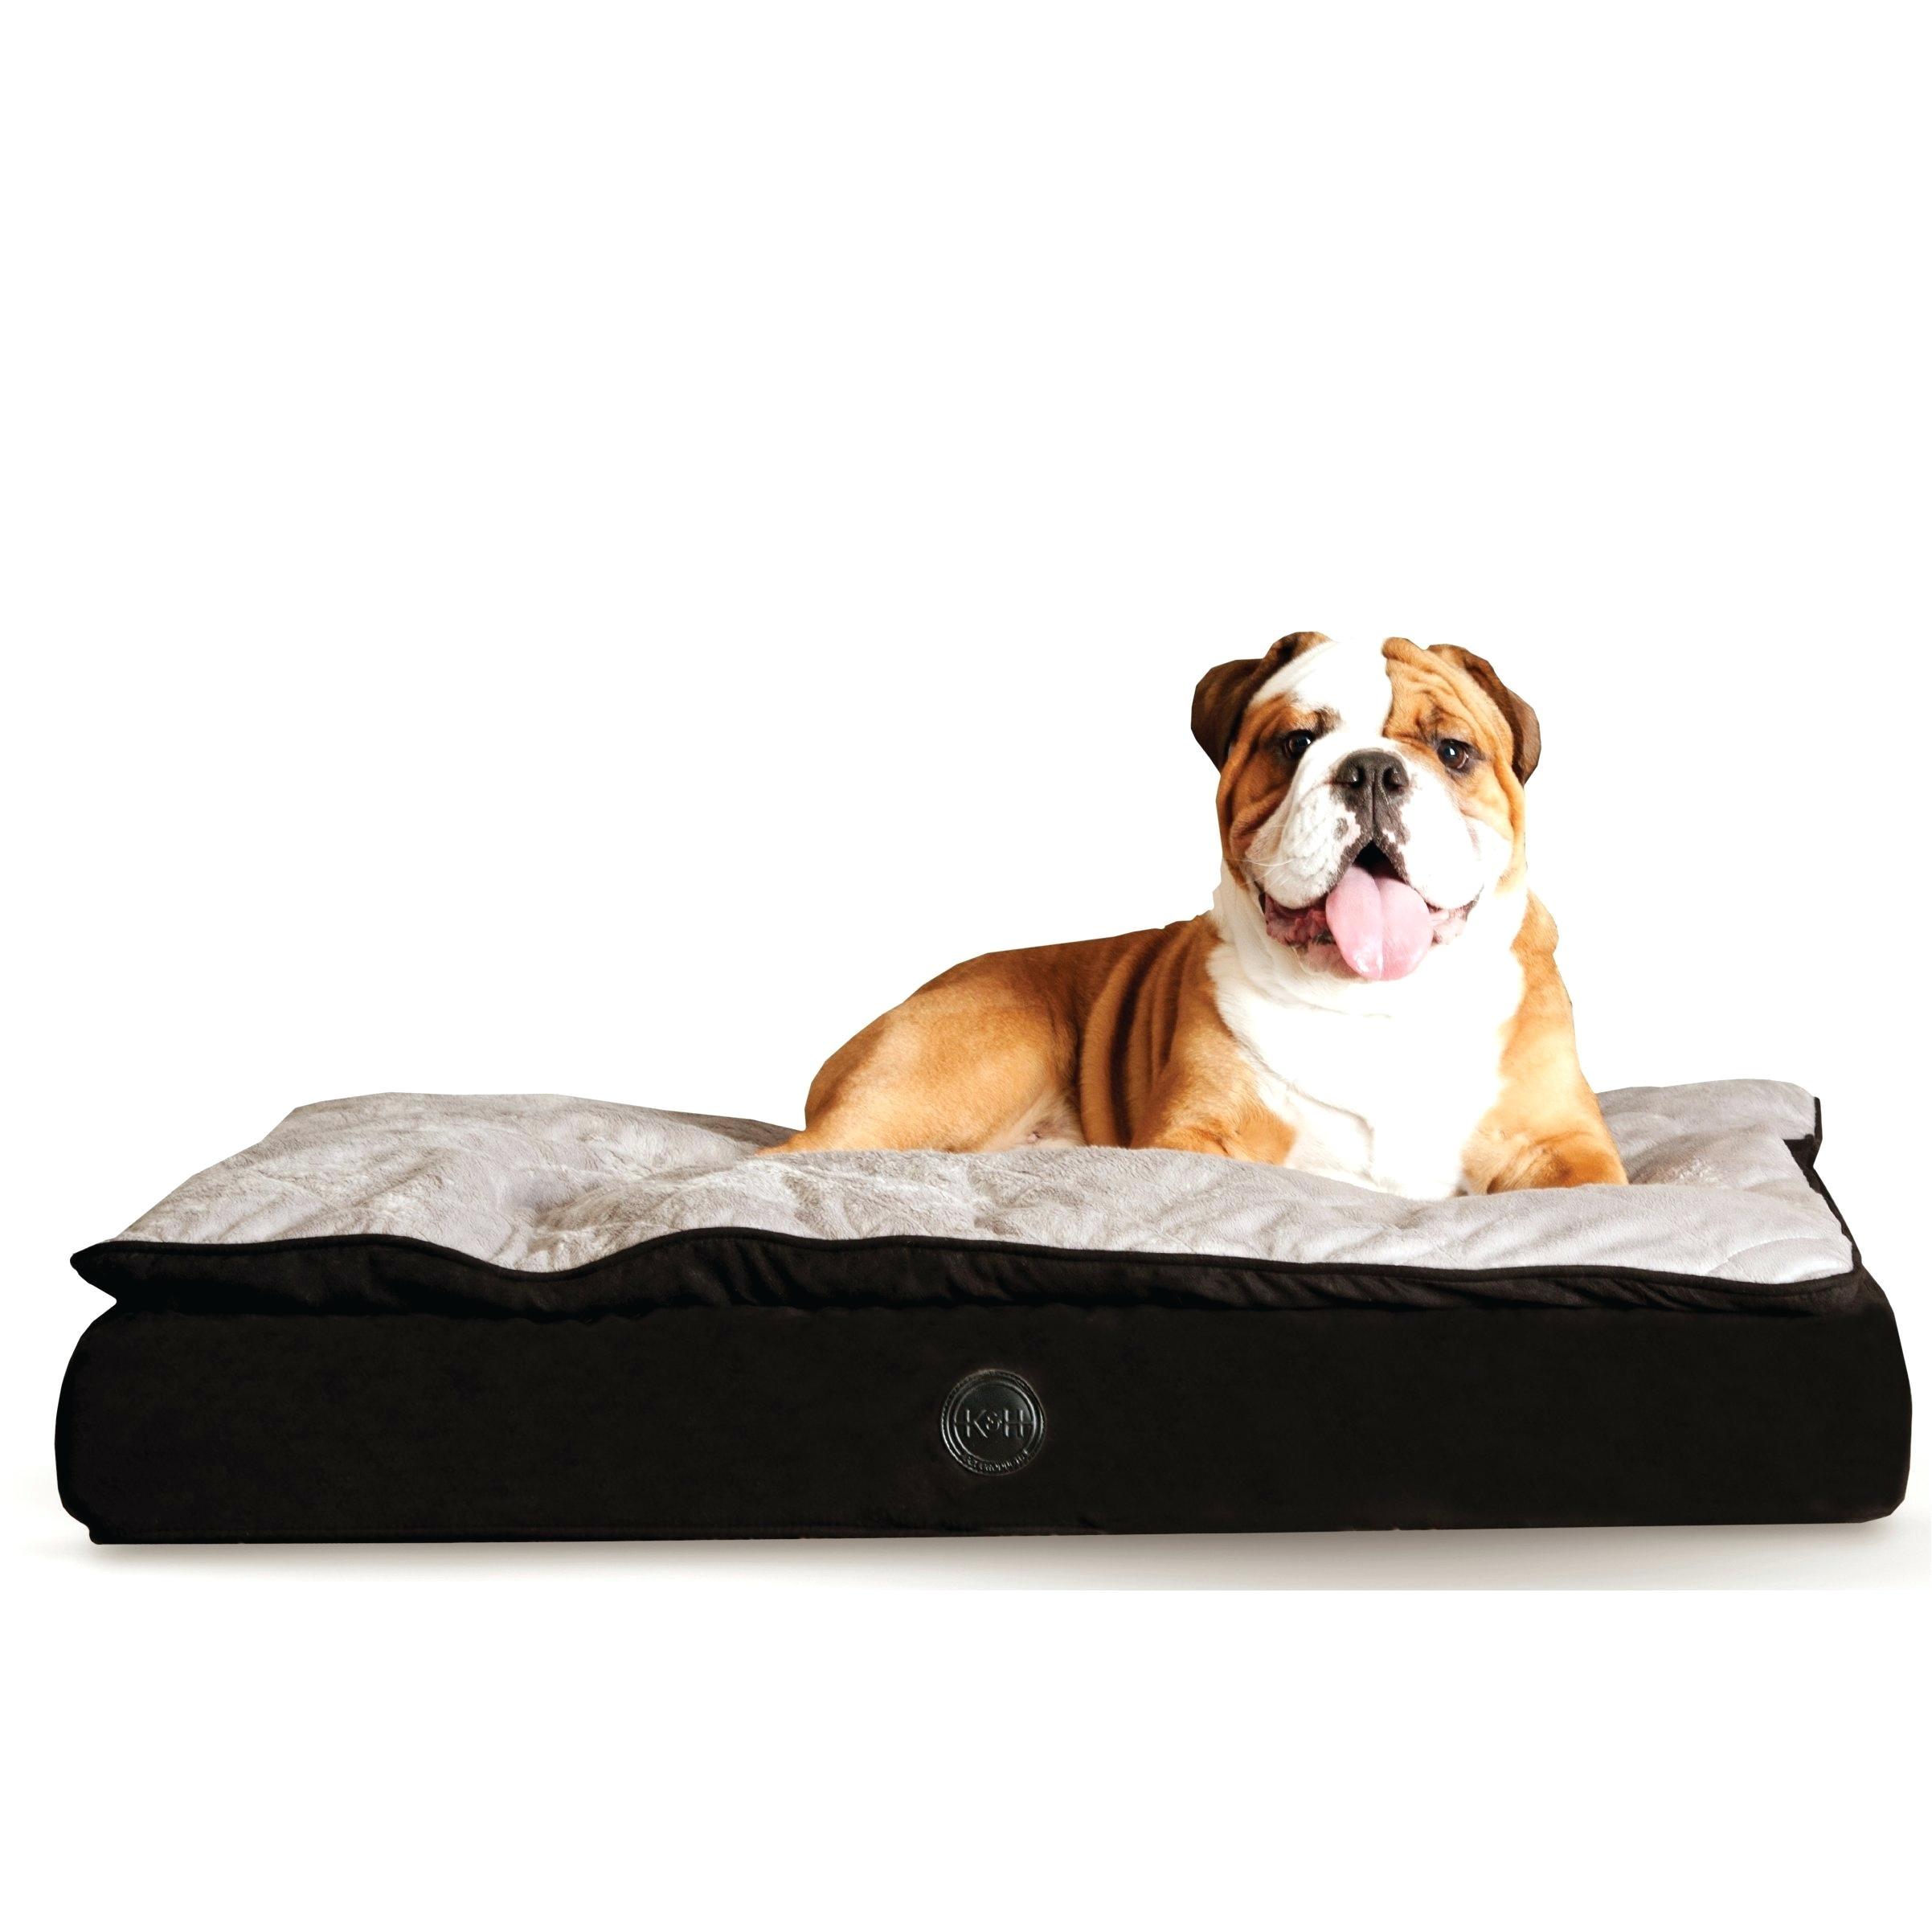 orvis bedside platform dog beds diy no sew dog bed tutorial 290e5f71b813d738